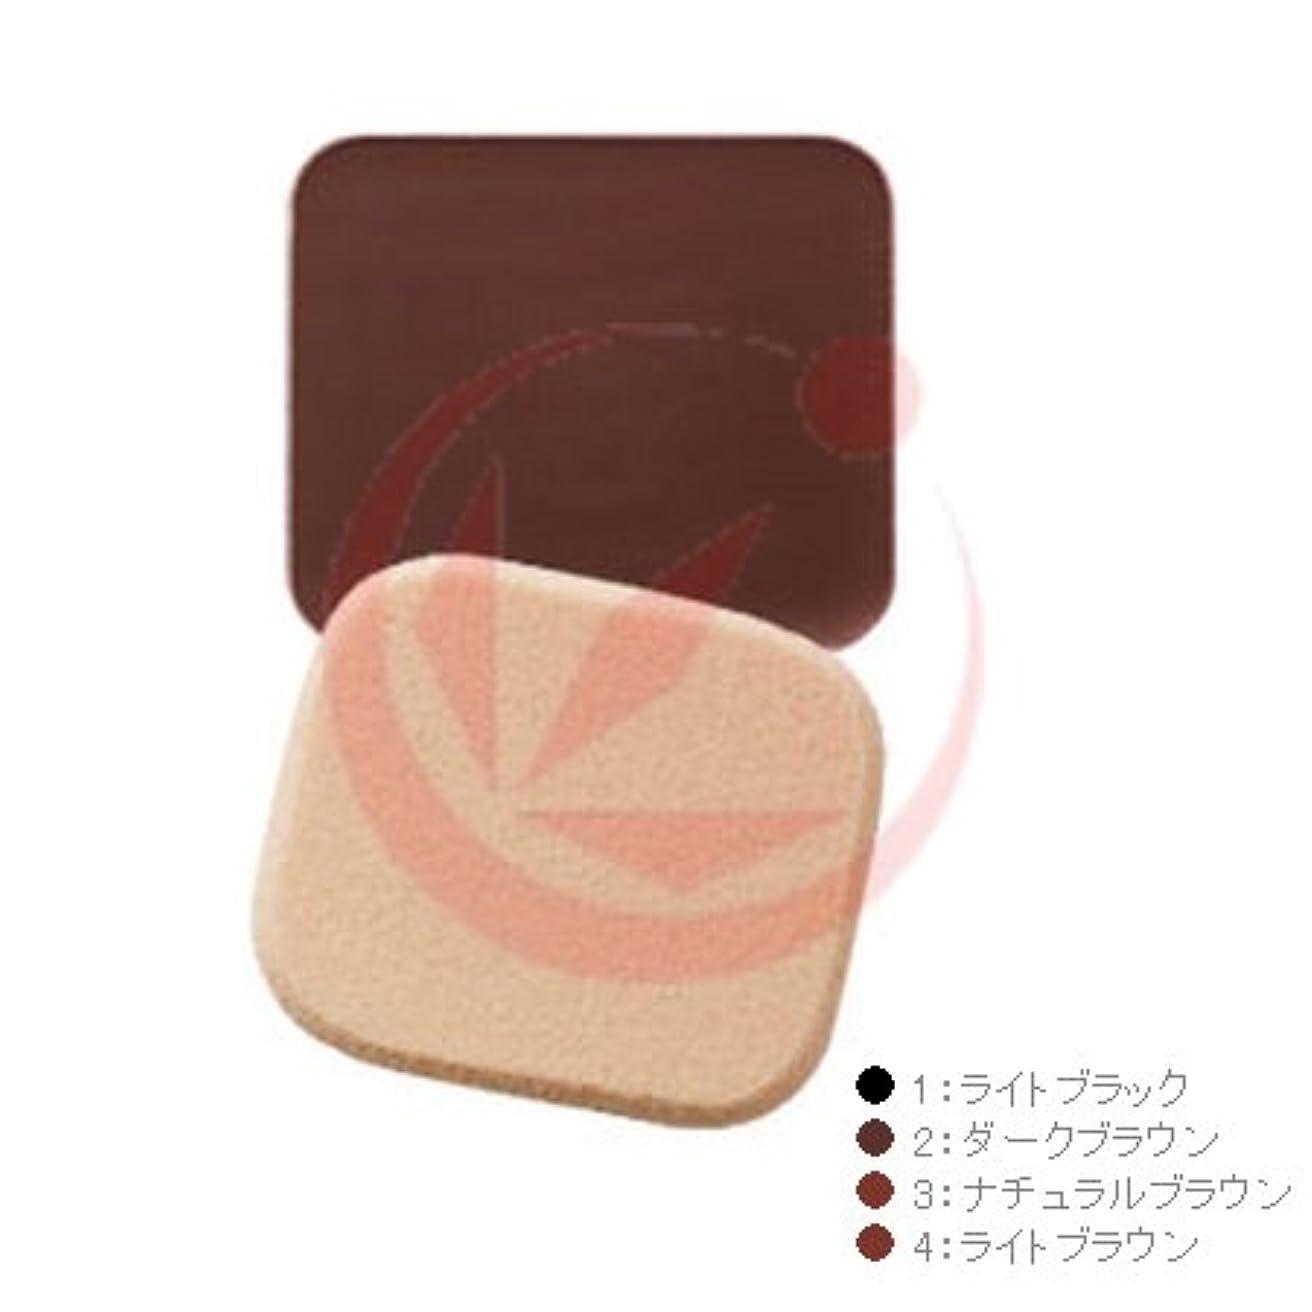 発表するラテンなぞらえるイリヤ 彩(いろどり) ヘアファンデーション 13g 詰替用 パフ付 ライトブラック